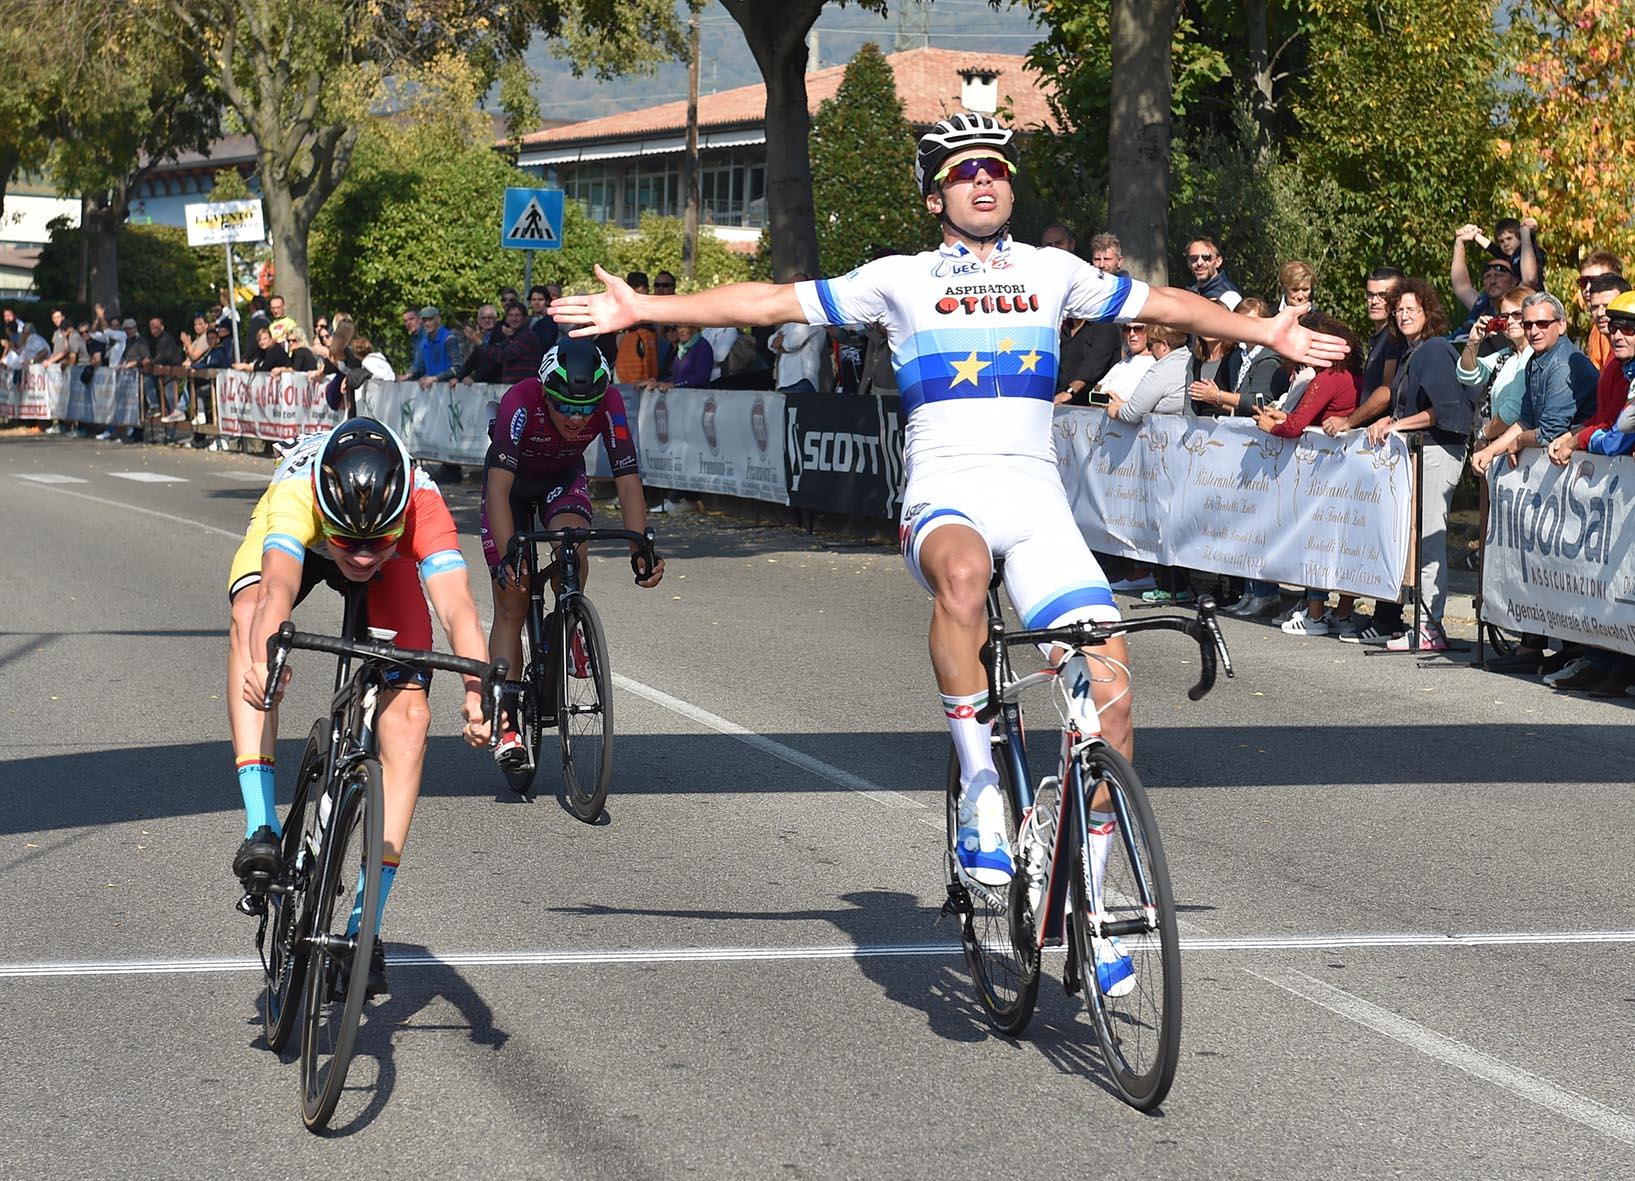 La vittoria di Michele Gazzoli a Camignone